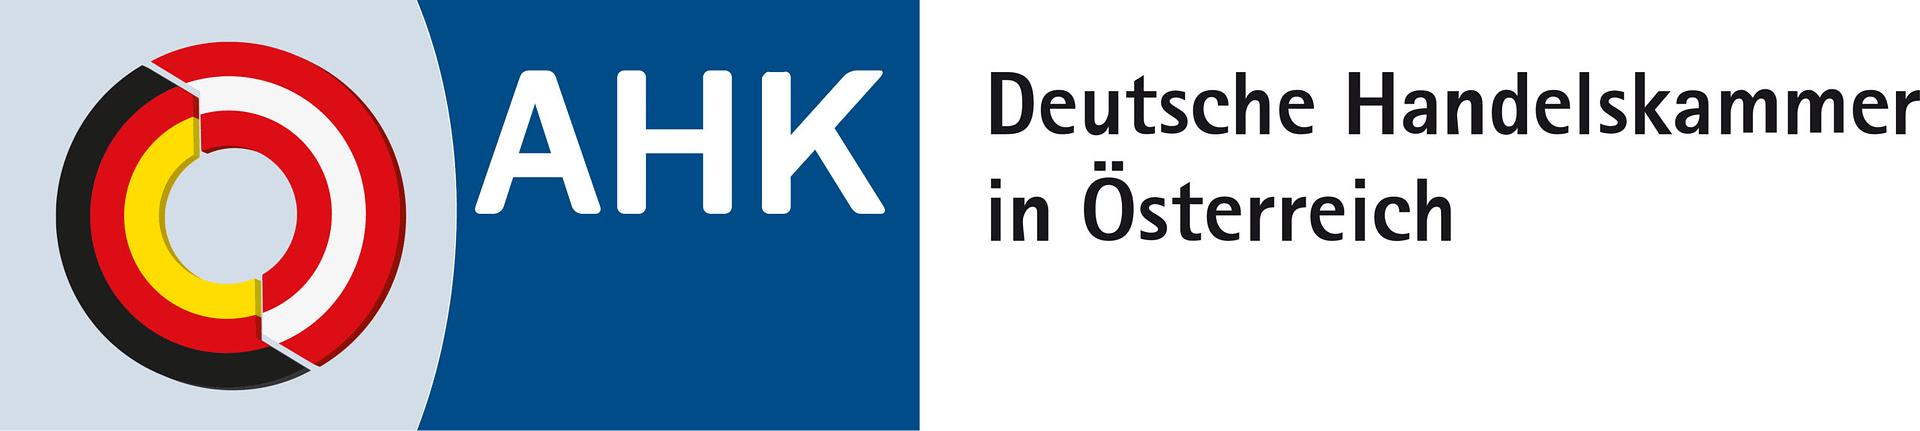 Deutsche Messen